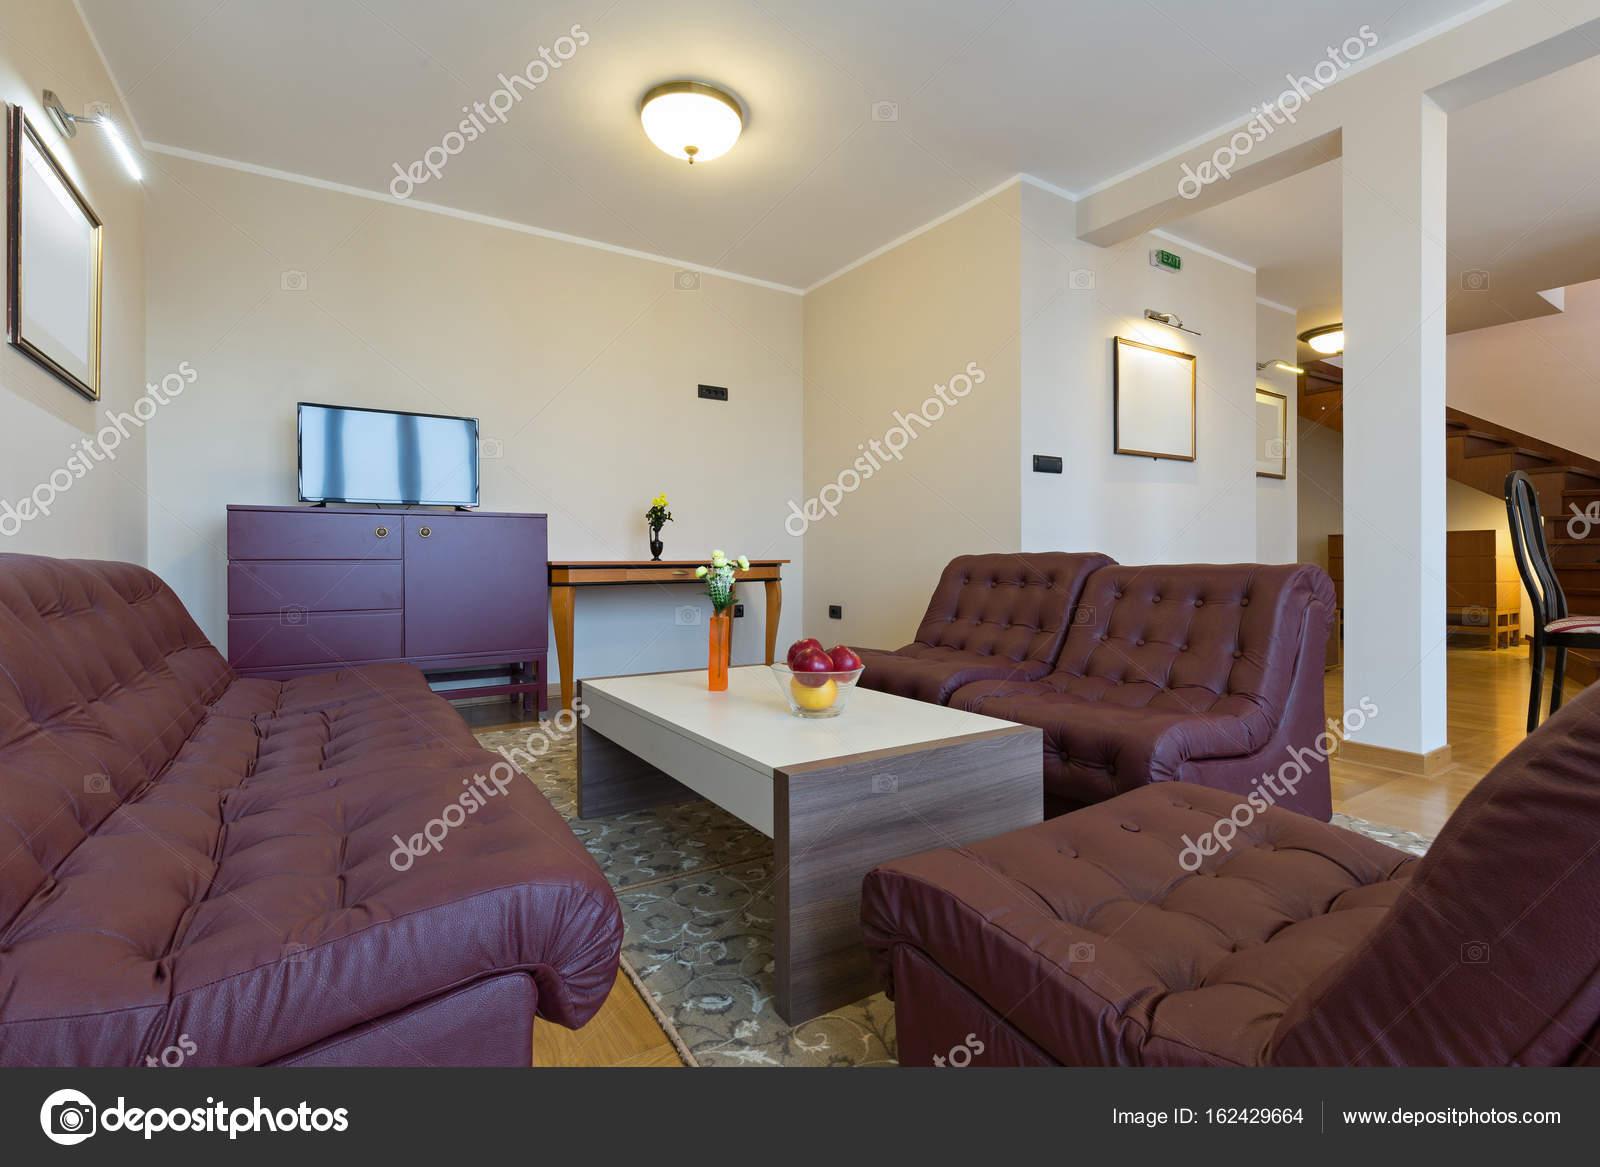 Soggiorno hotel interni — Foto Stock © rilueda #162429664